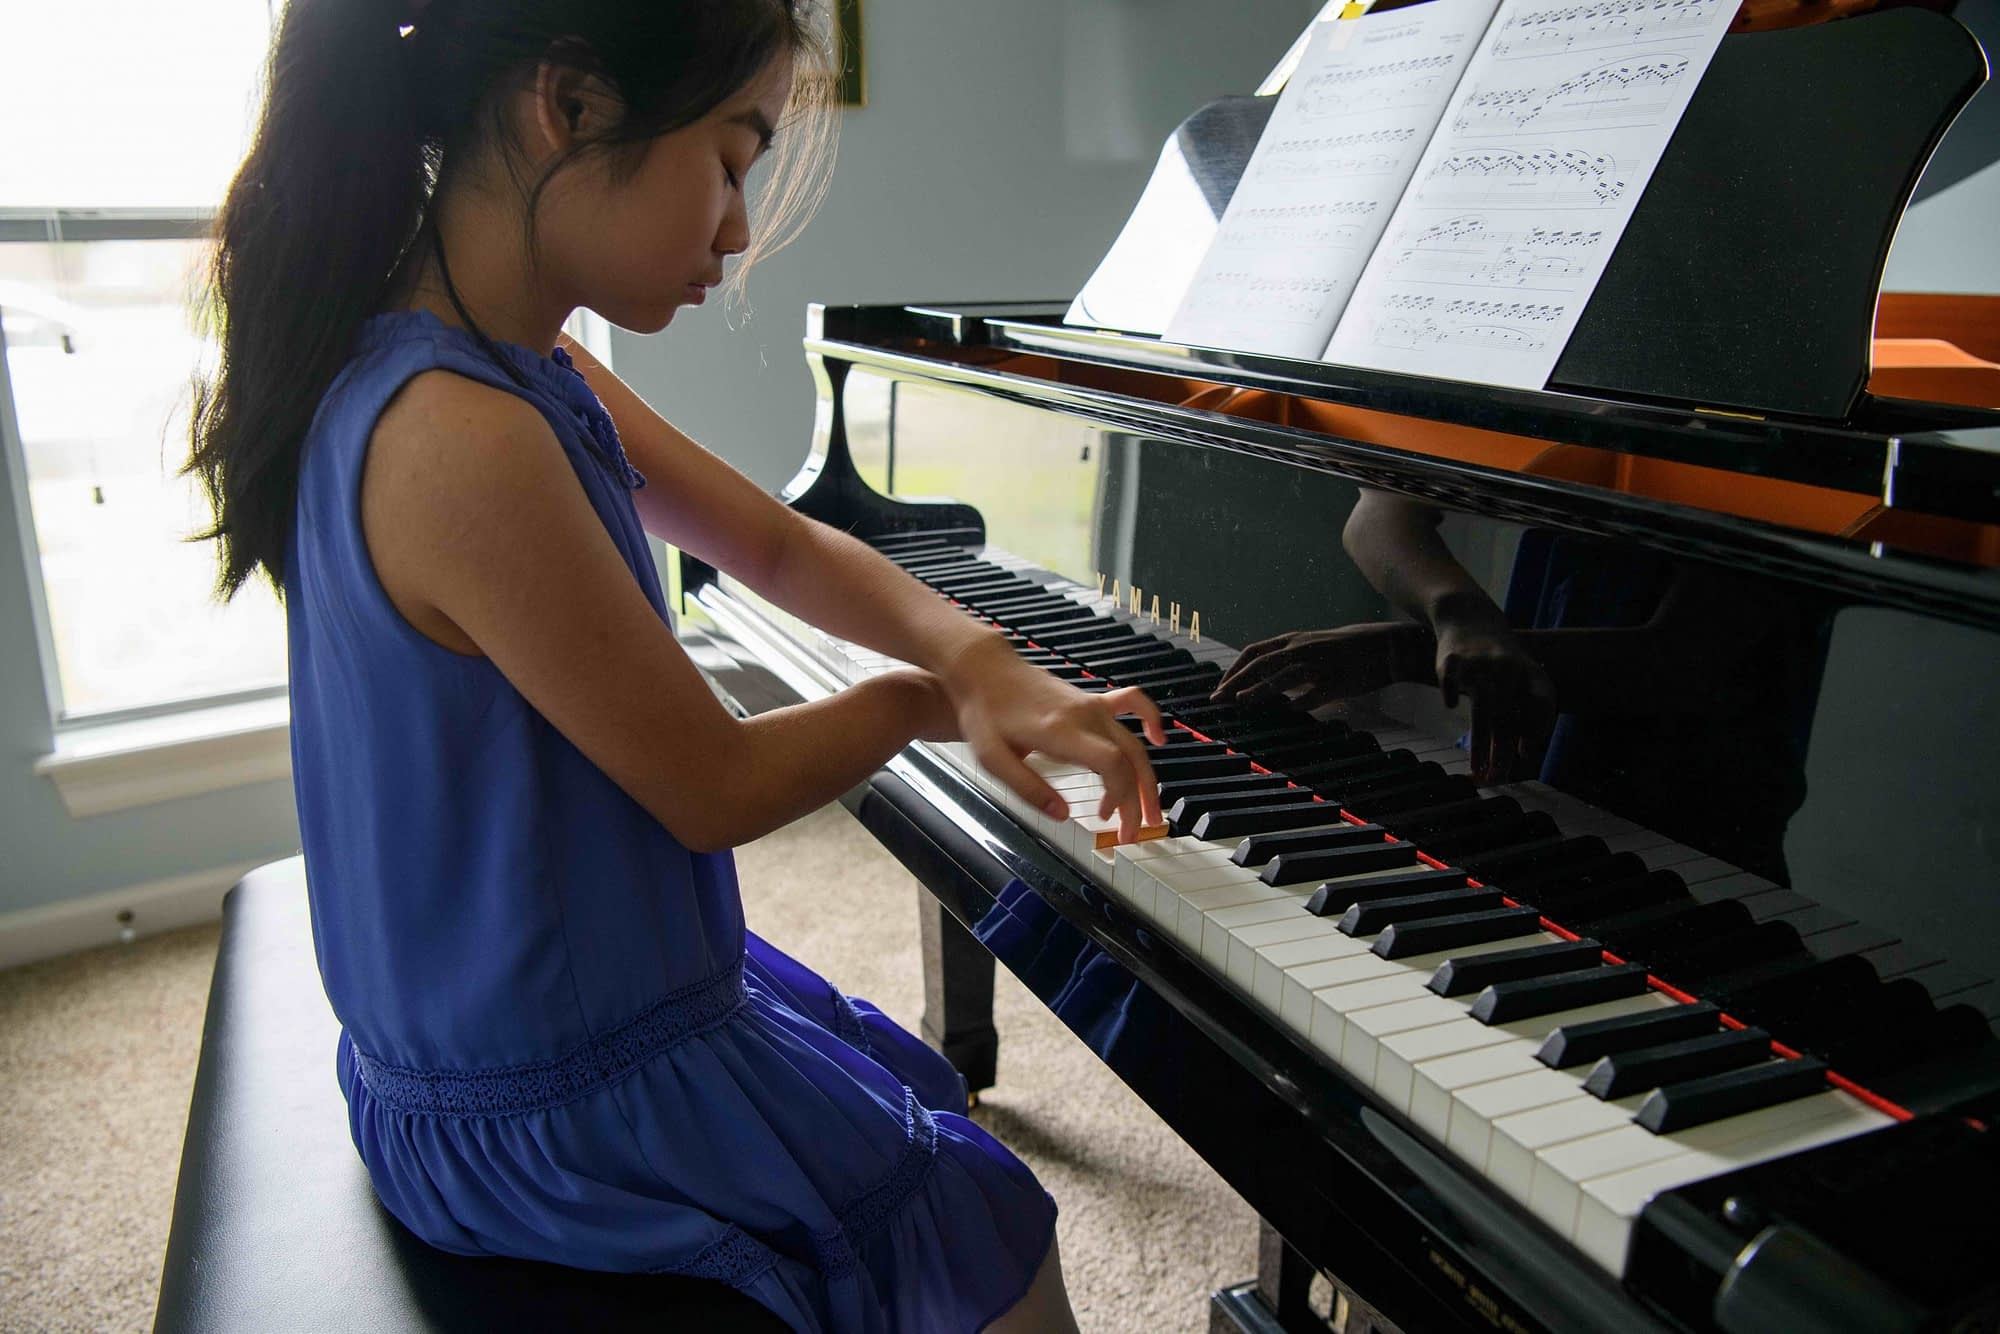 Child piano lesson